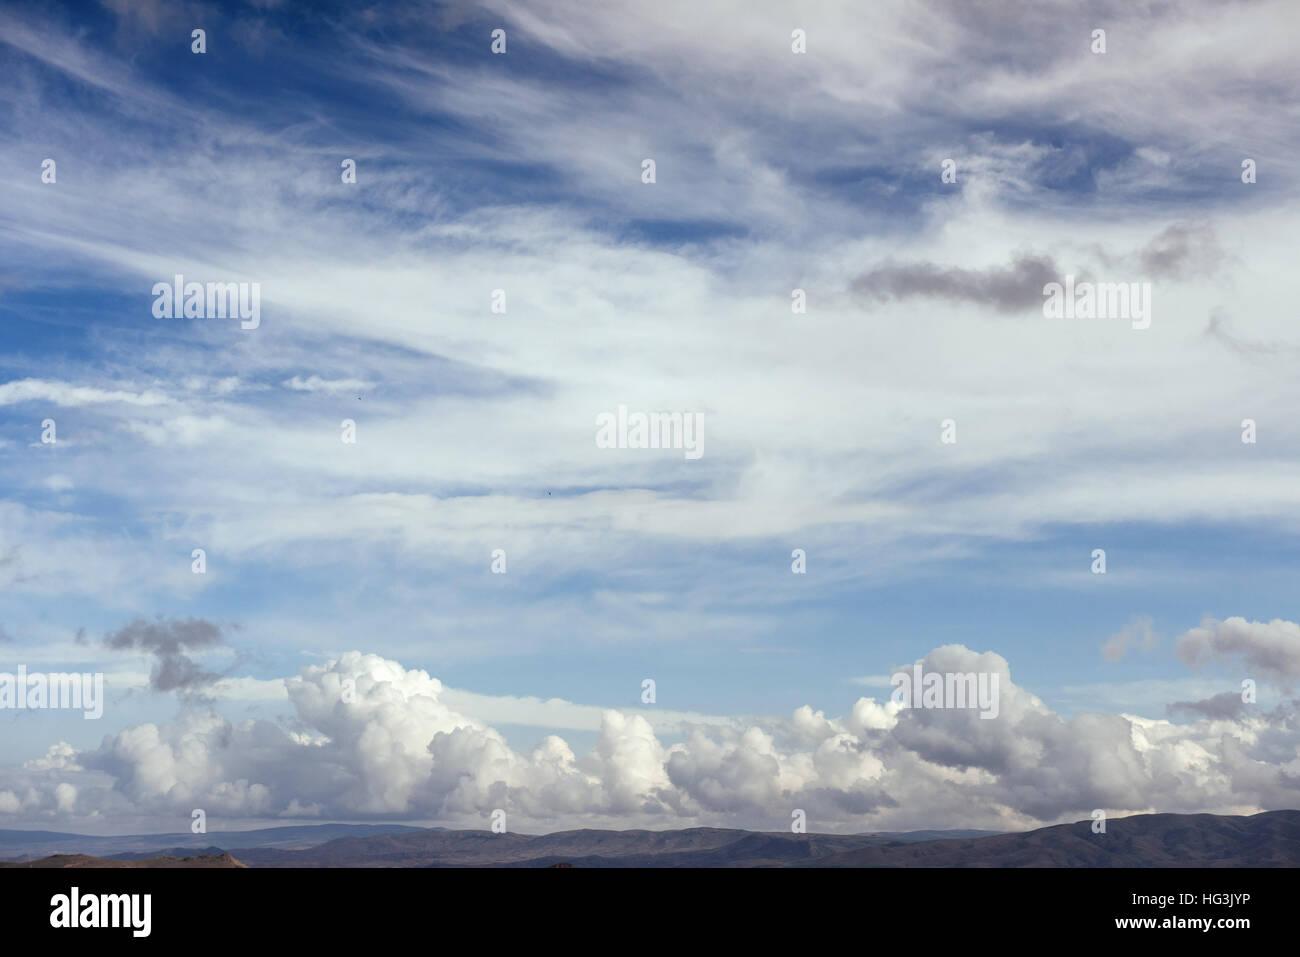 Many cumulonimbus cloud before raining with blue sky - Stock Image